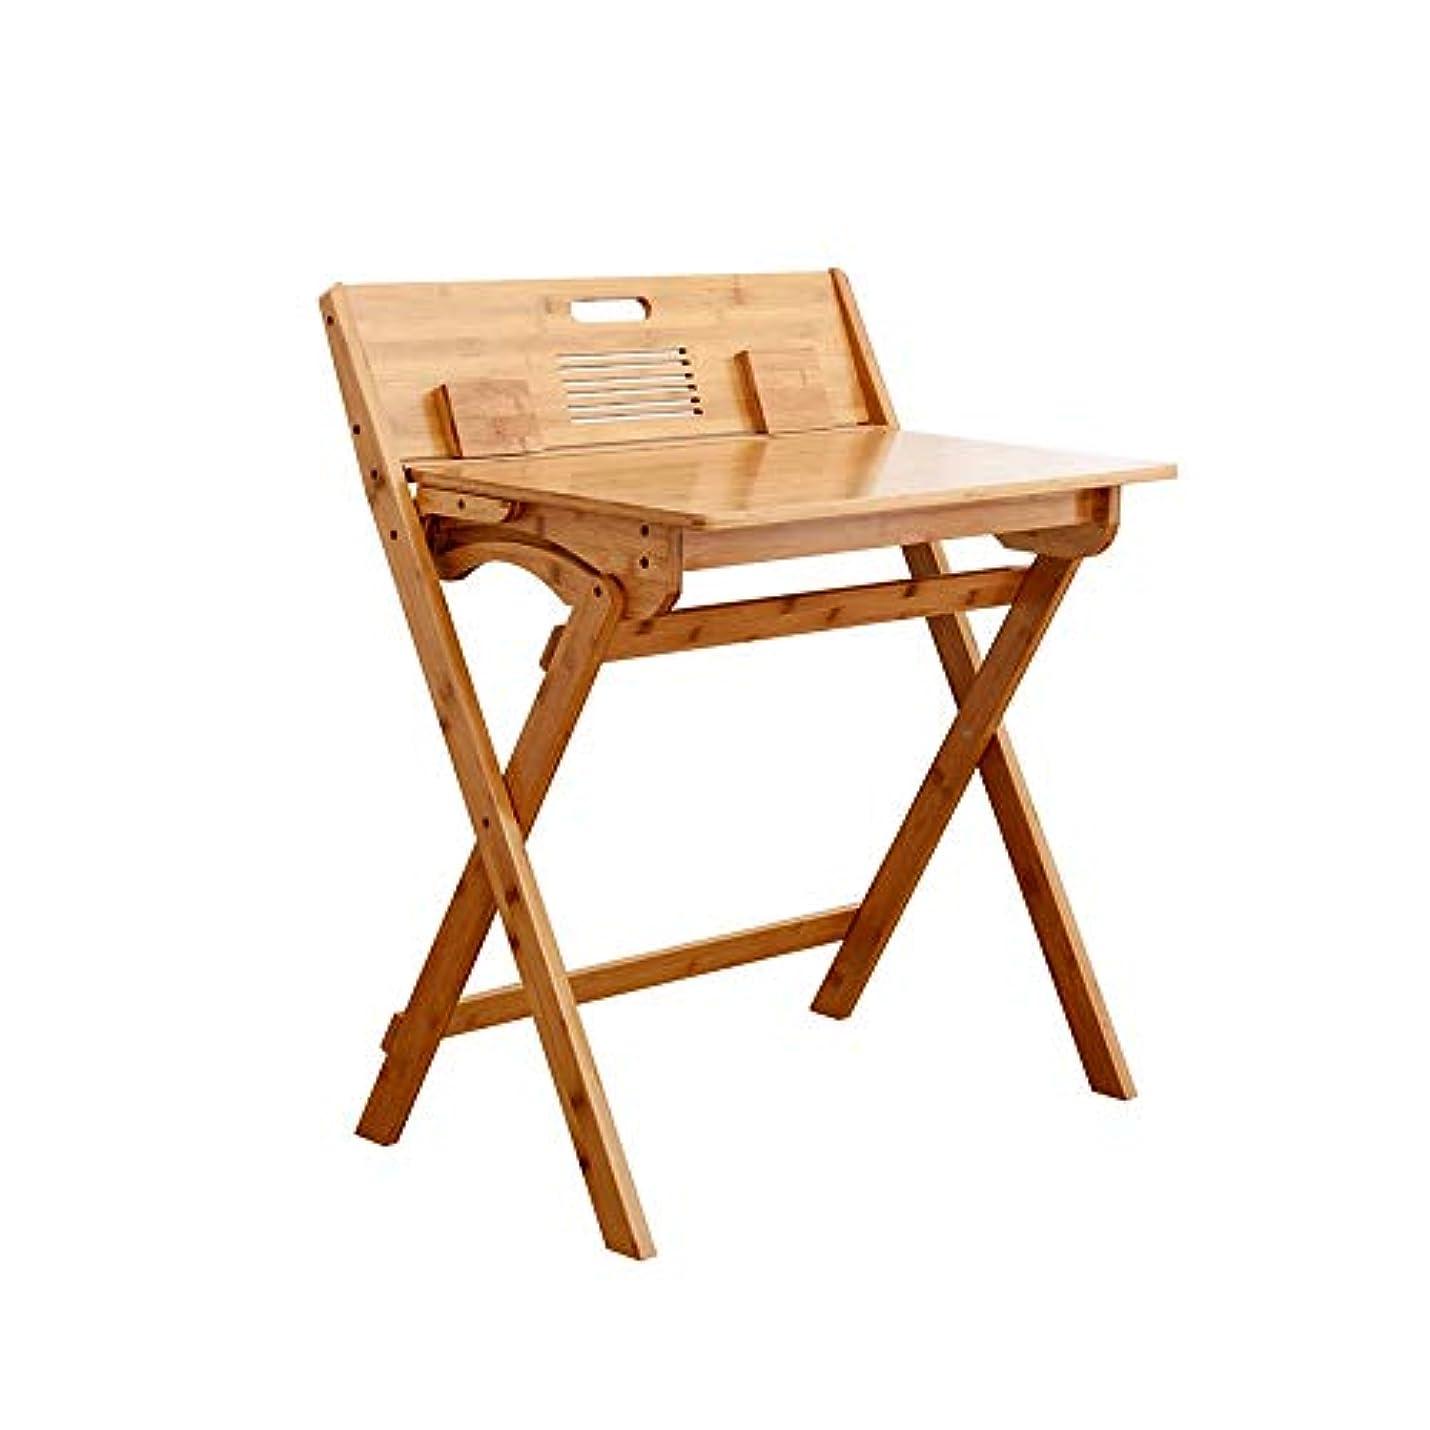 短命学部区別LJHA zhuozi 折りたたみテーブル、ホームシンプルなライティングデスクレジャーテーブル学生寮研究テーブル屋外ポータブル小さなテーブル小さなアパートデスク